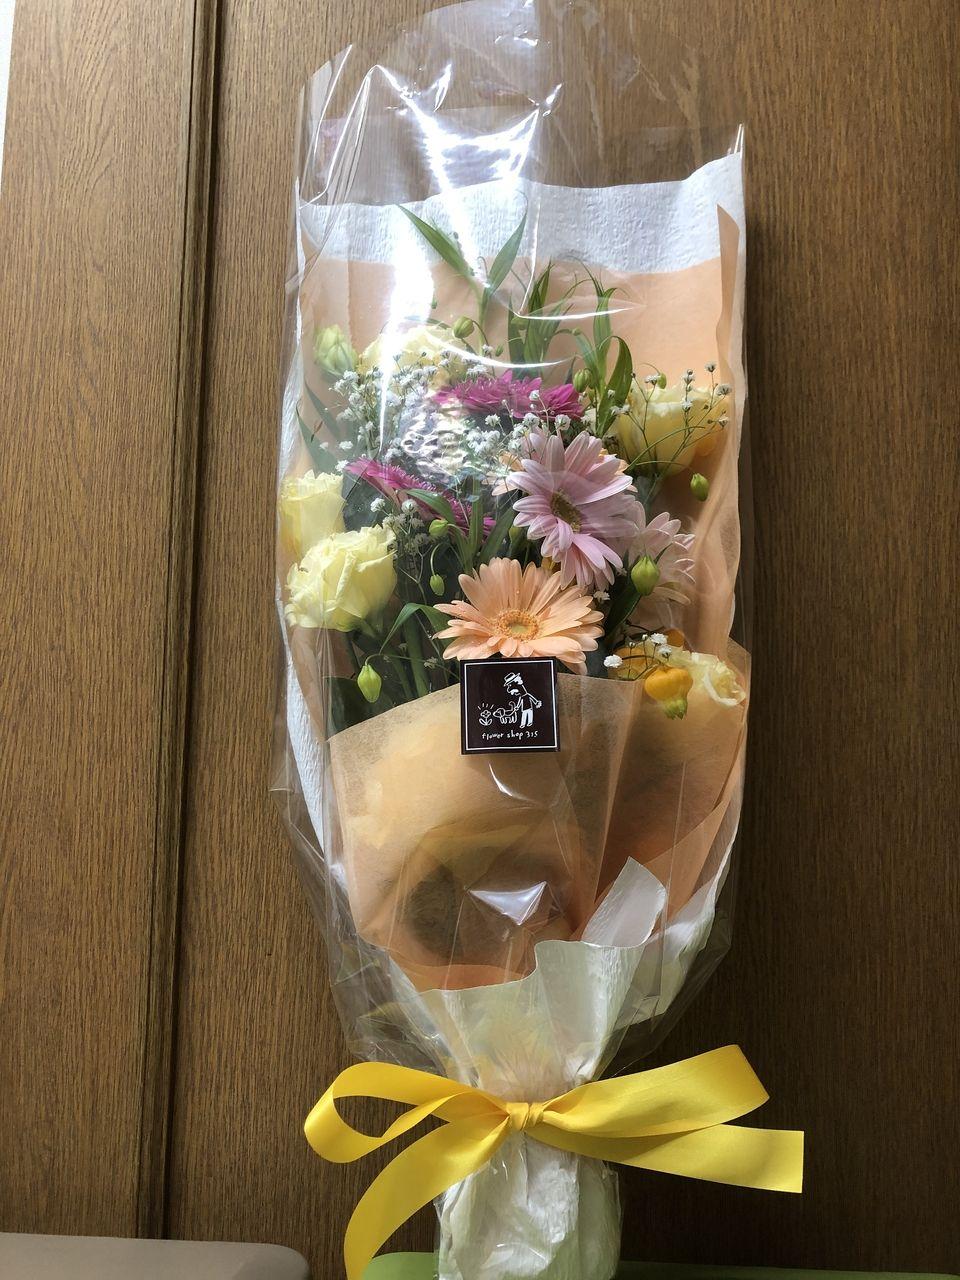 母の誕生日のお祝いに花を贈りました